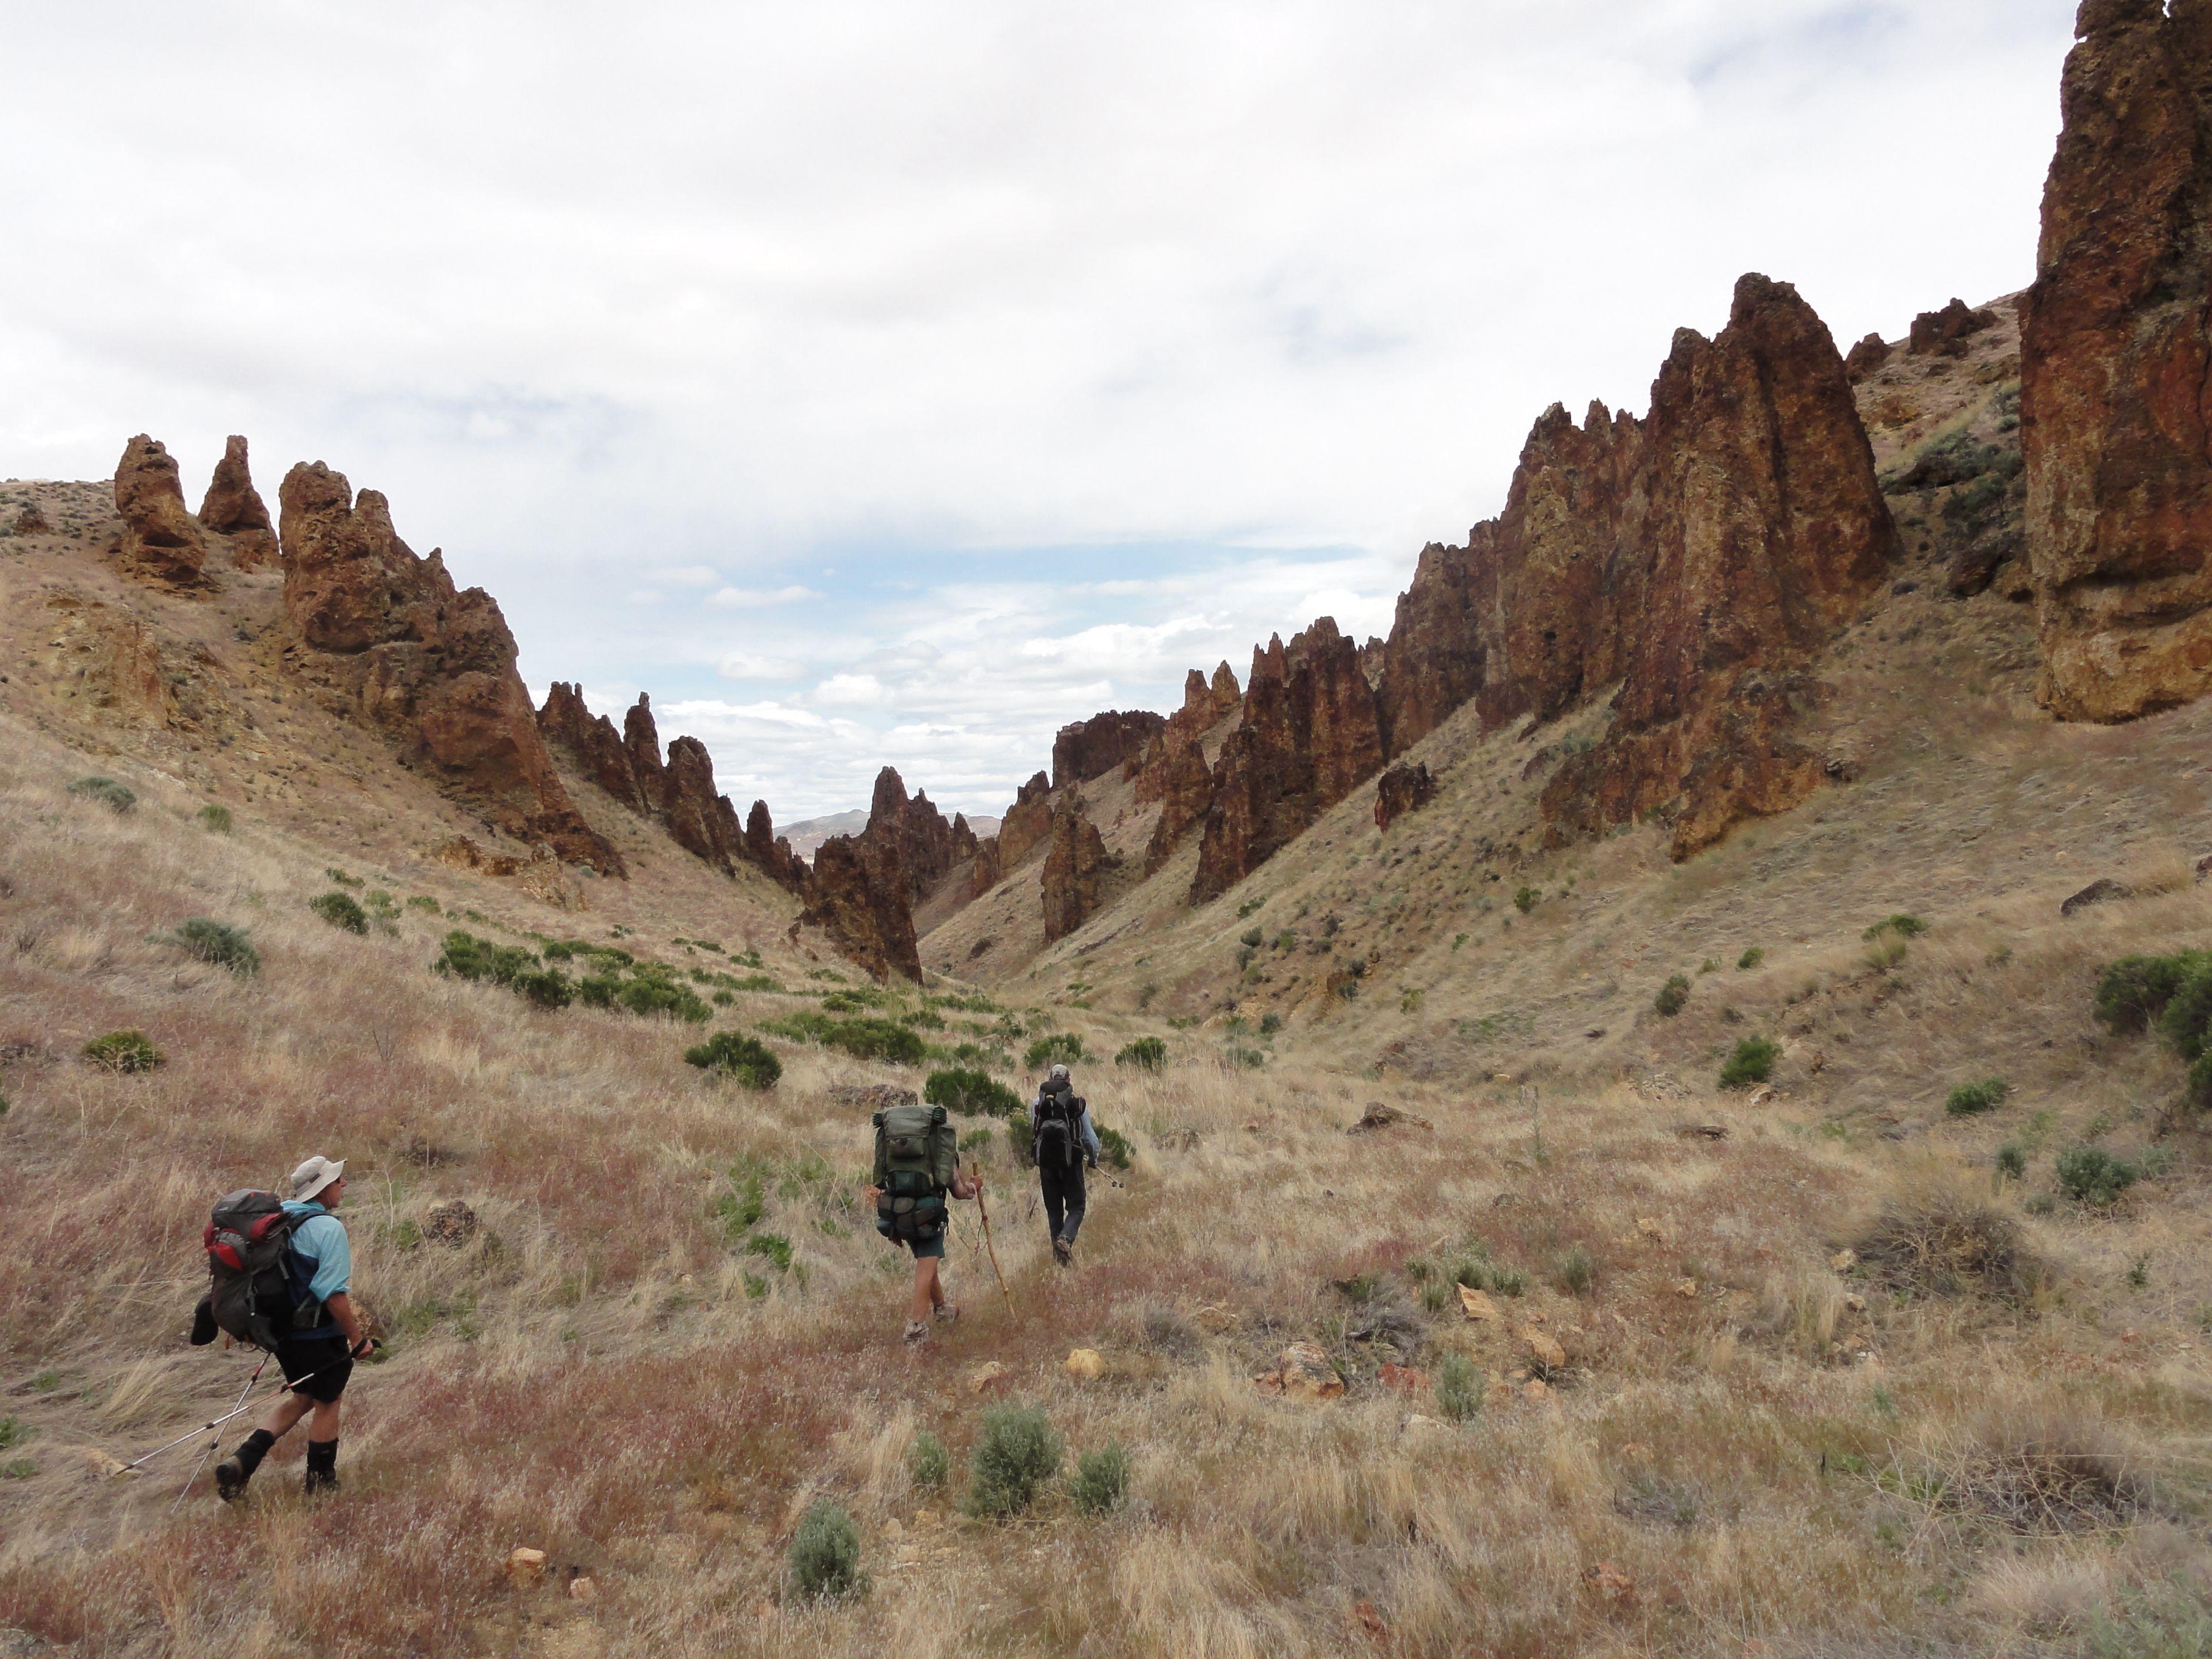 Backpacking the oregon desert trail trip visit oregon